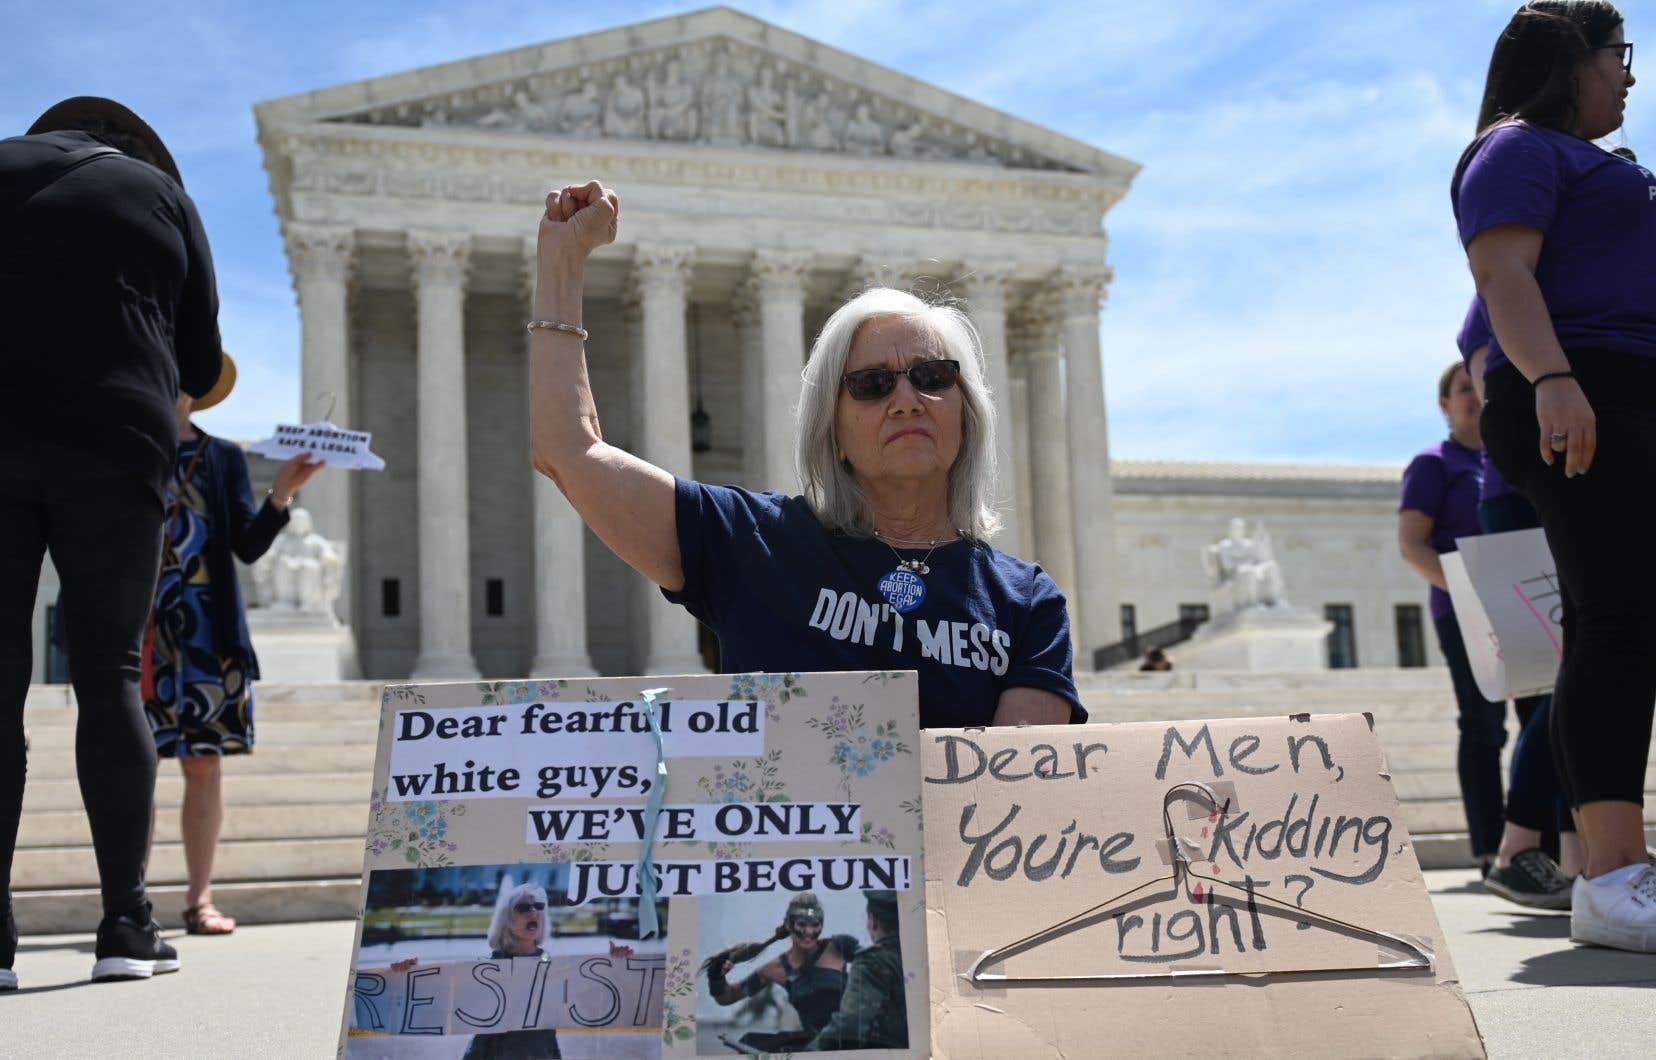 <p>En pleine offensive des États conservateurs contre le droit à l'interruption volontaire de grossesse, la Cour suprême a pris son temps avant de se prononcer.</p>